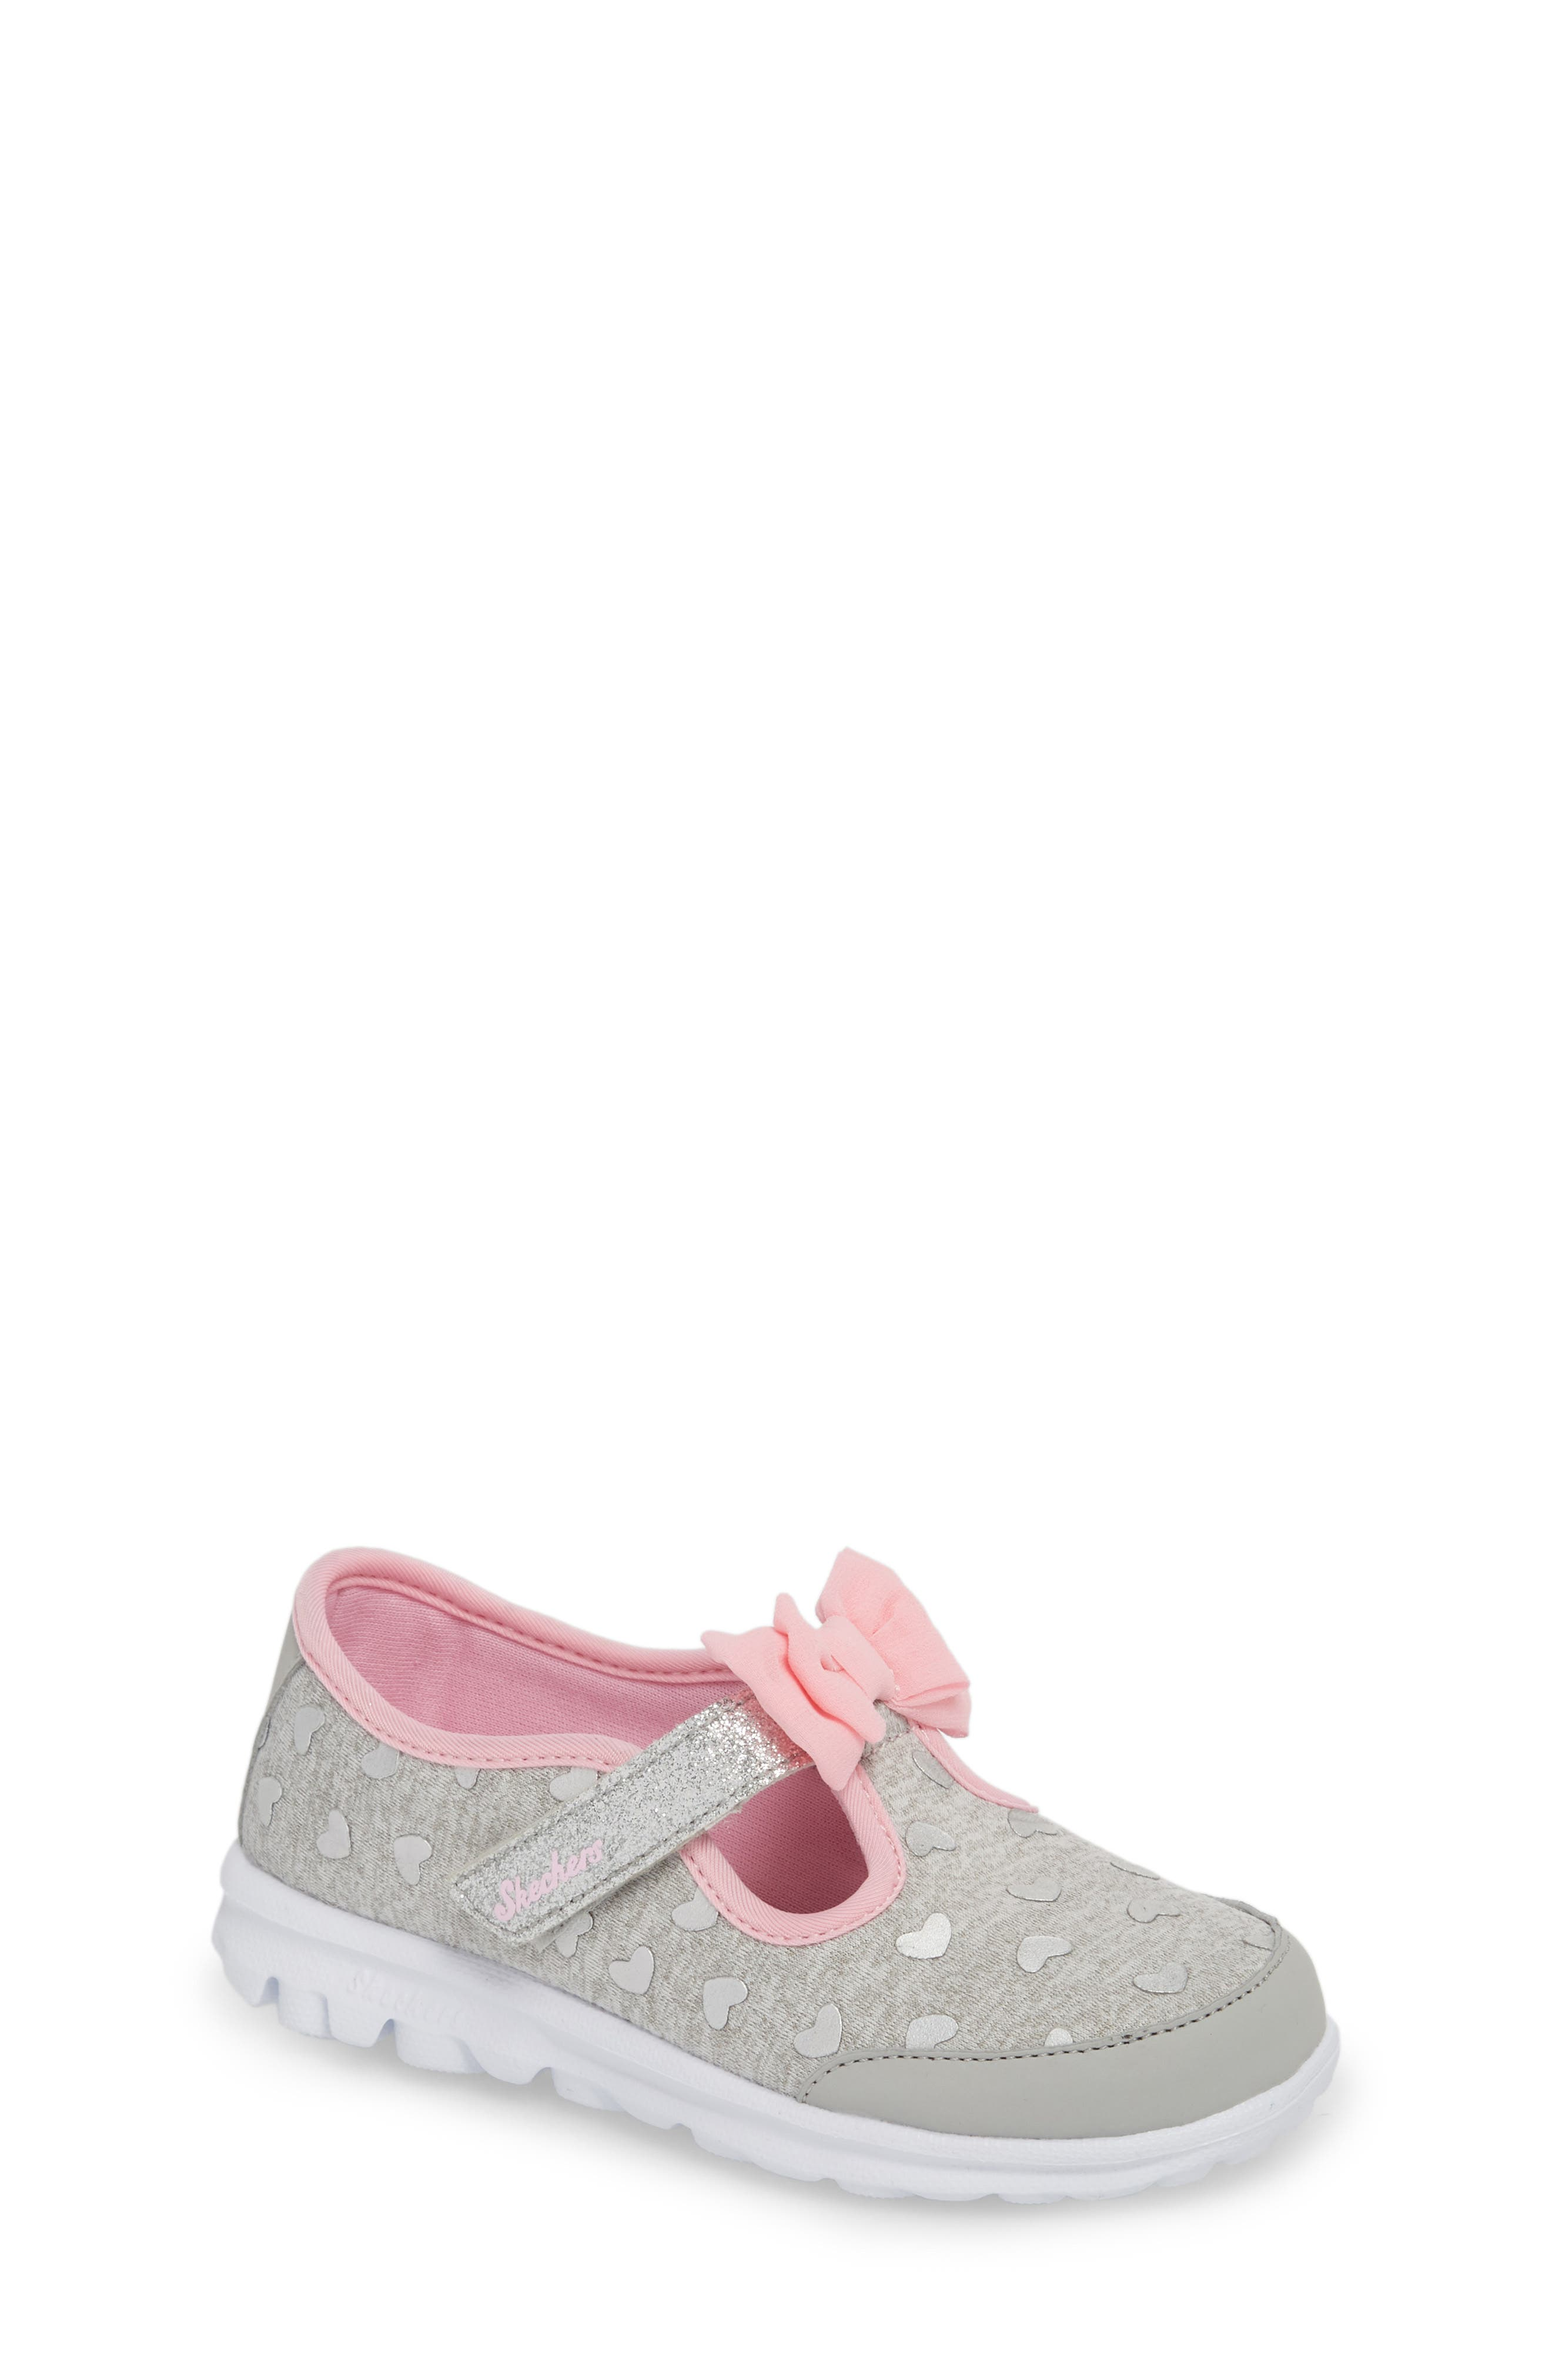 Go Walk Slip-On Sneaker,                             Main thumbnail 1, color,                             020